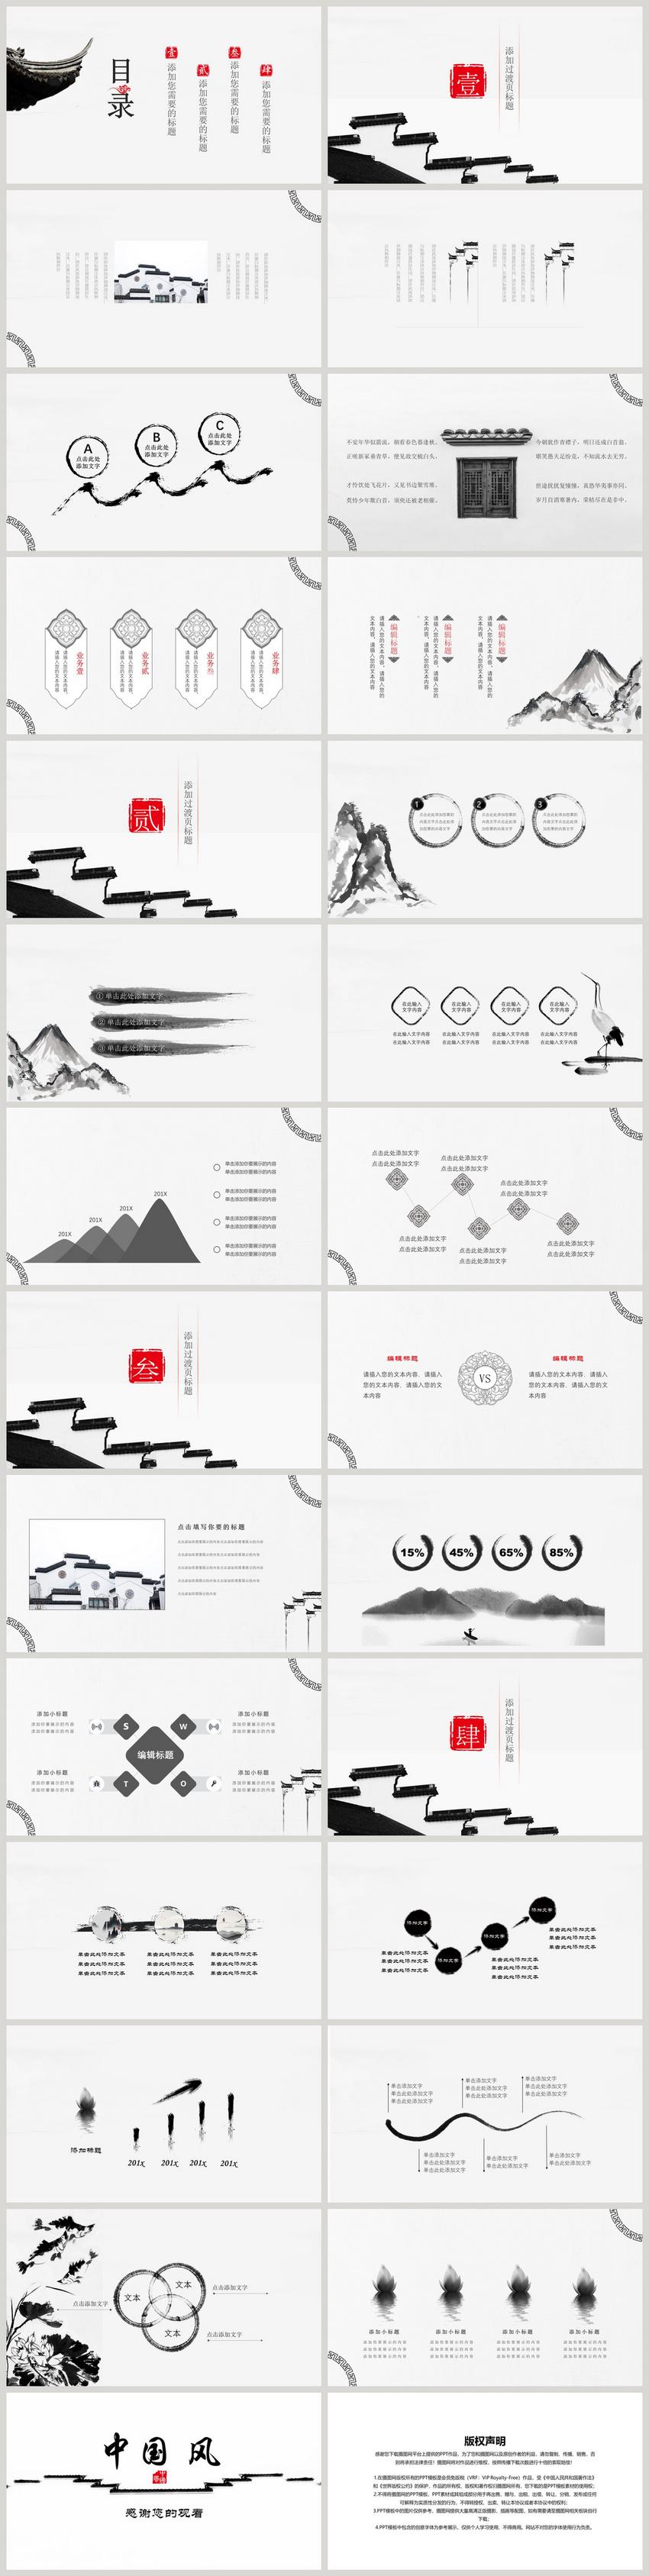 中国风PPT模板图片